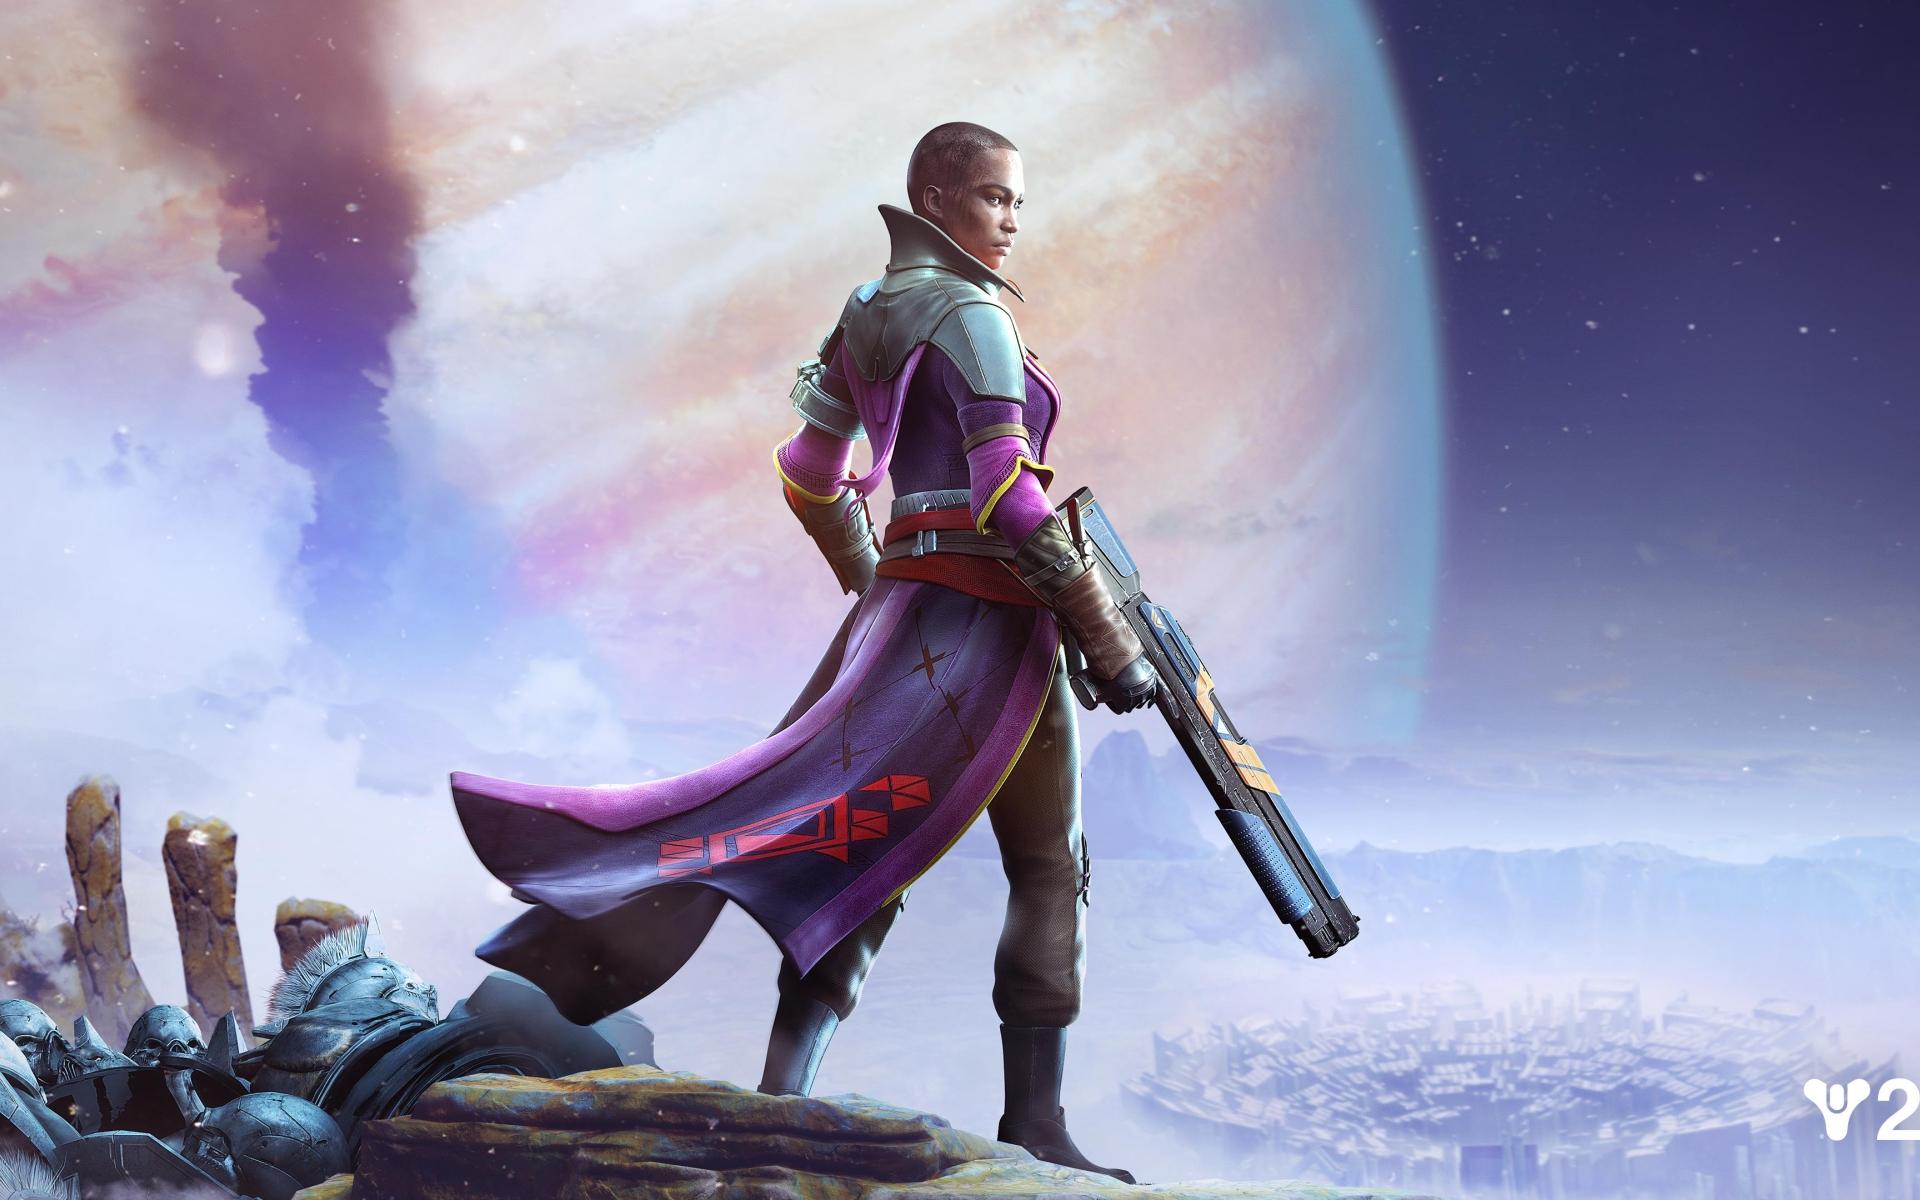 Destiny 2 1080p Wallpaper: Destiny 2 Ikora Rey, HD 4K Wallpaper